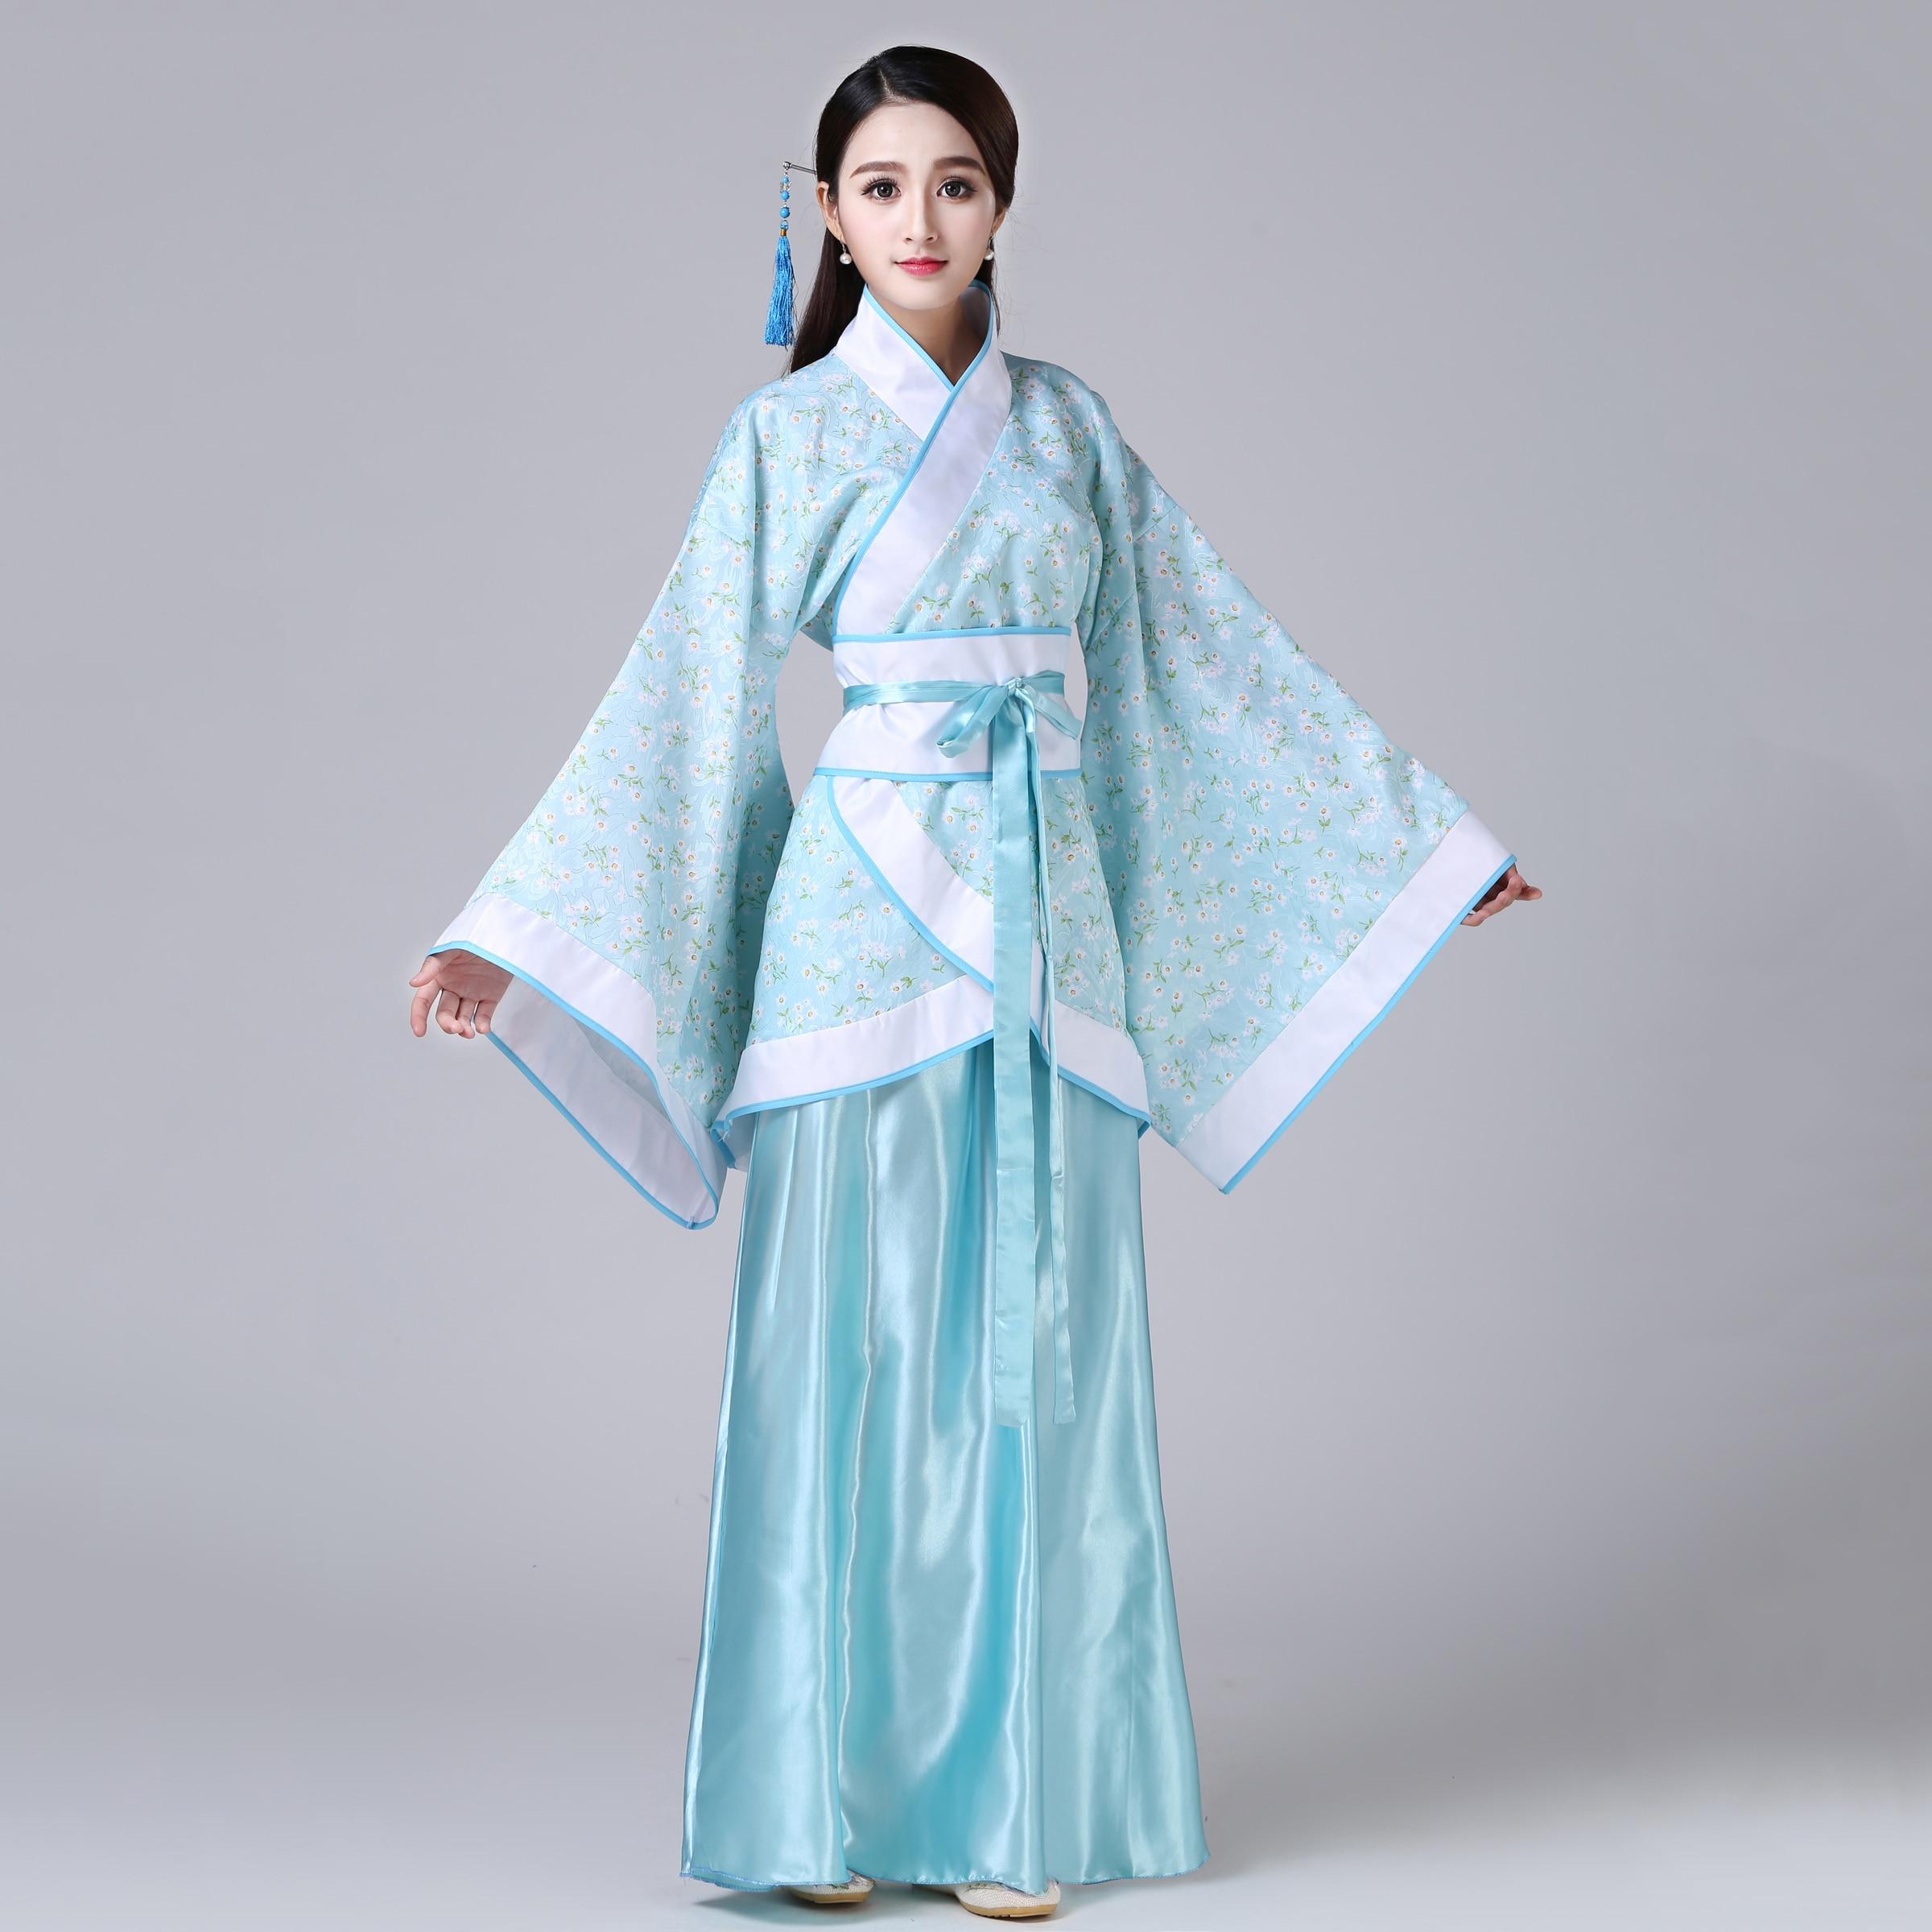 Traje de Año Nuevo chino antiguo para mujer, traje tradicional étnico, bailarina, trajes de fiesta